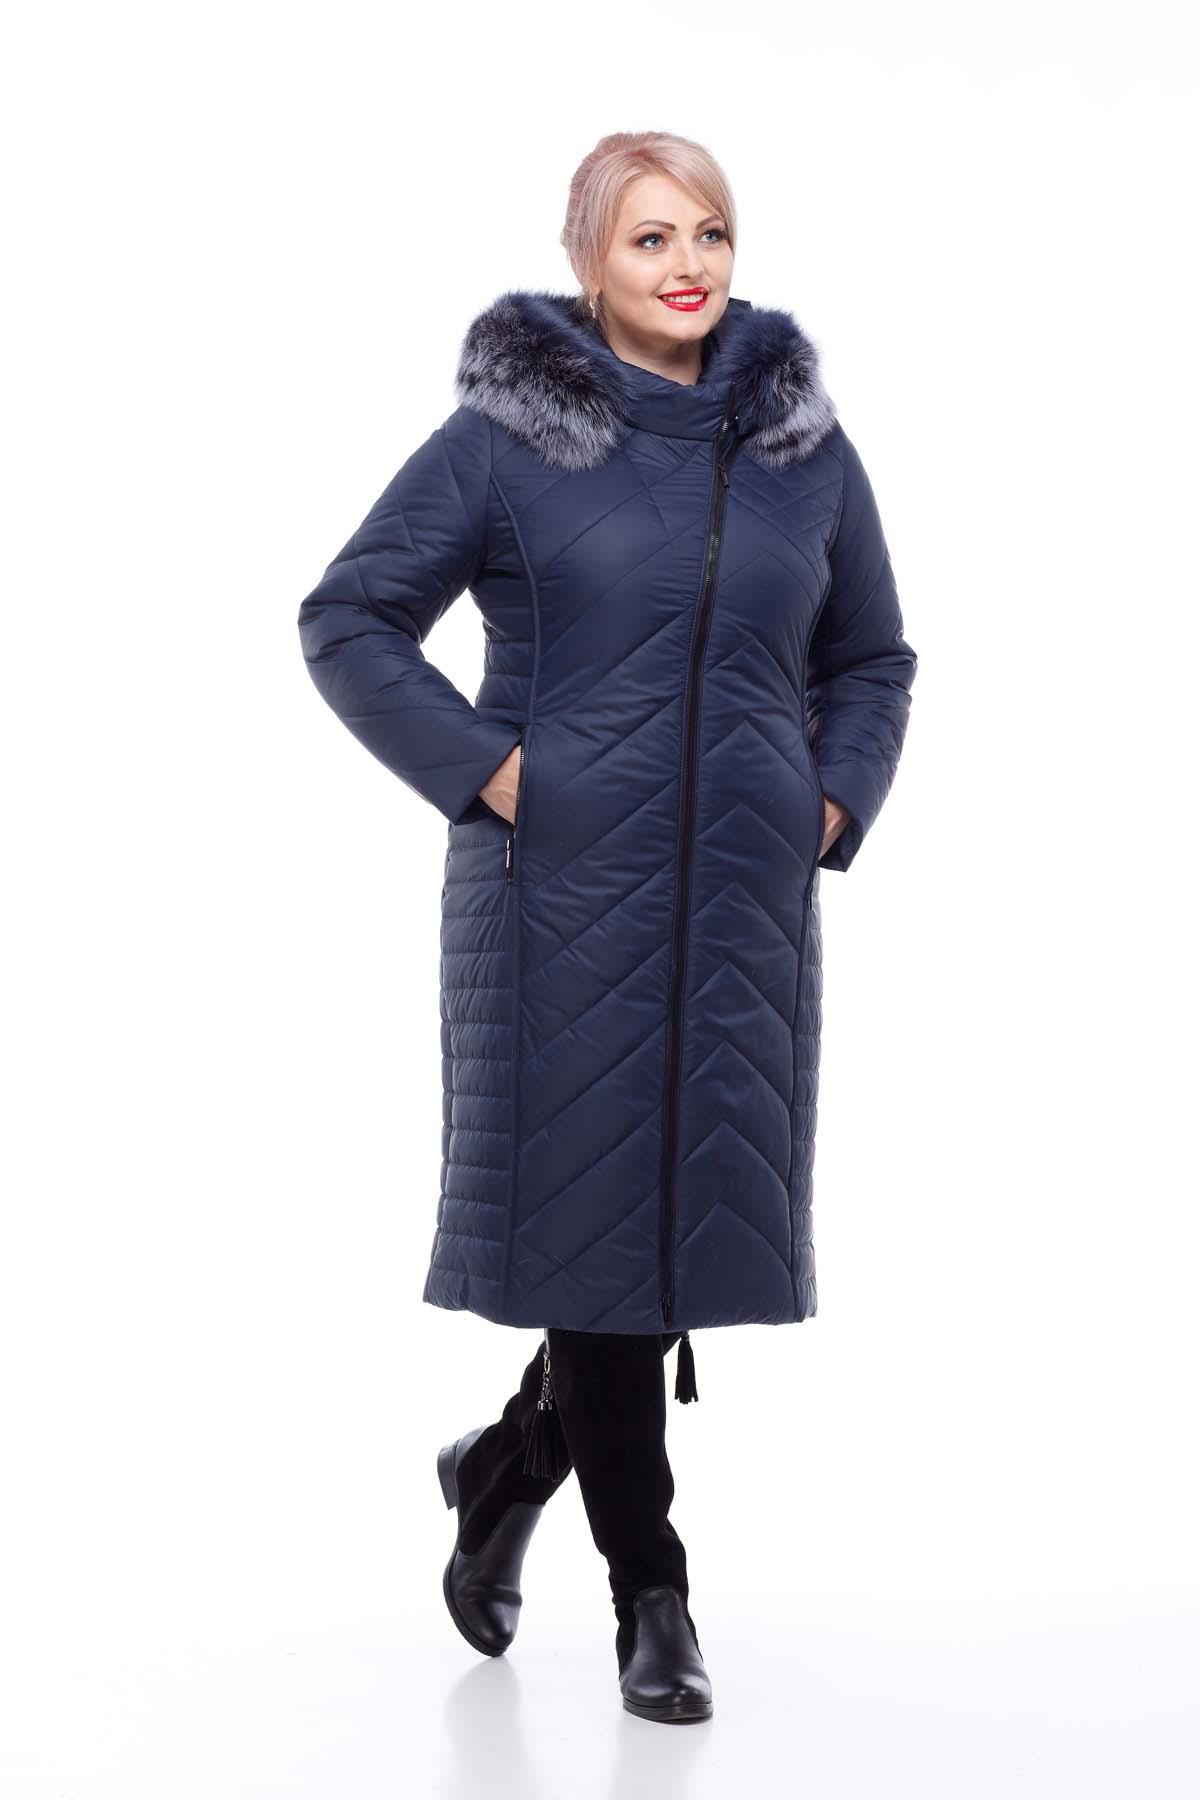 Зимове пальто Міра песець Зима темно-синій